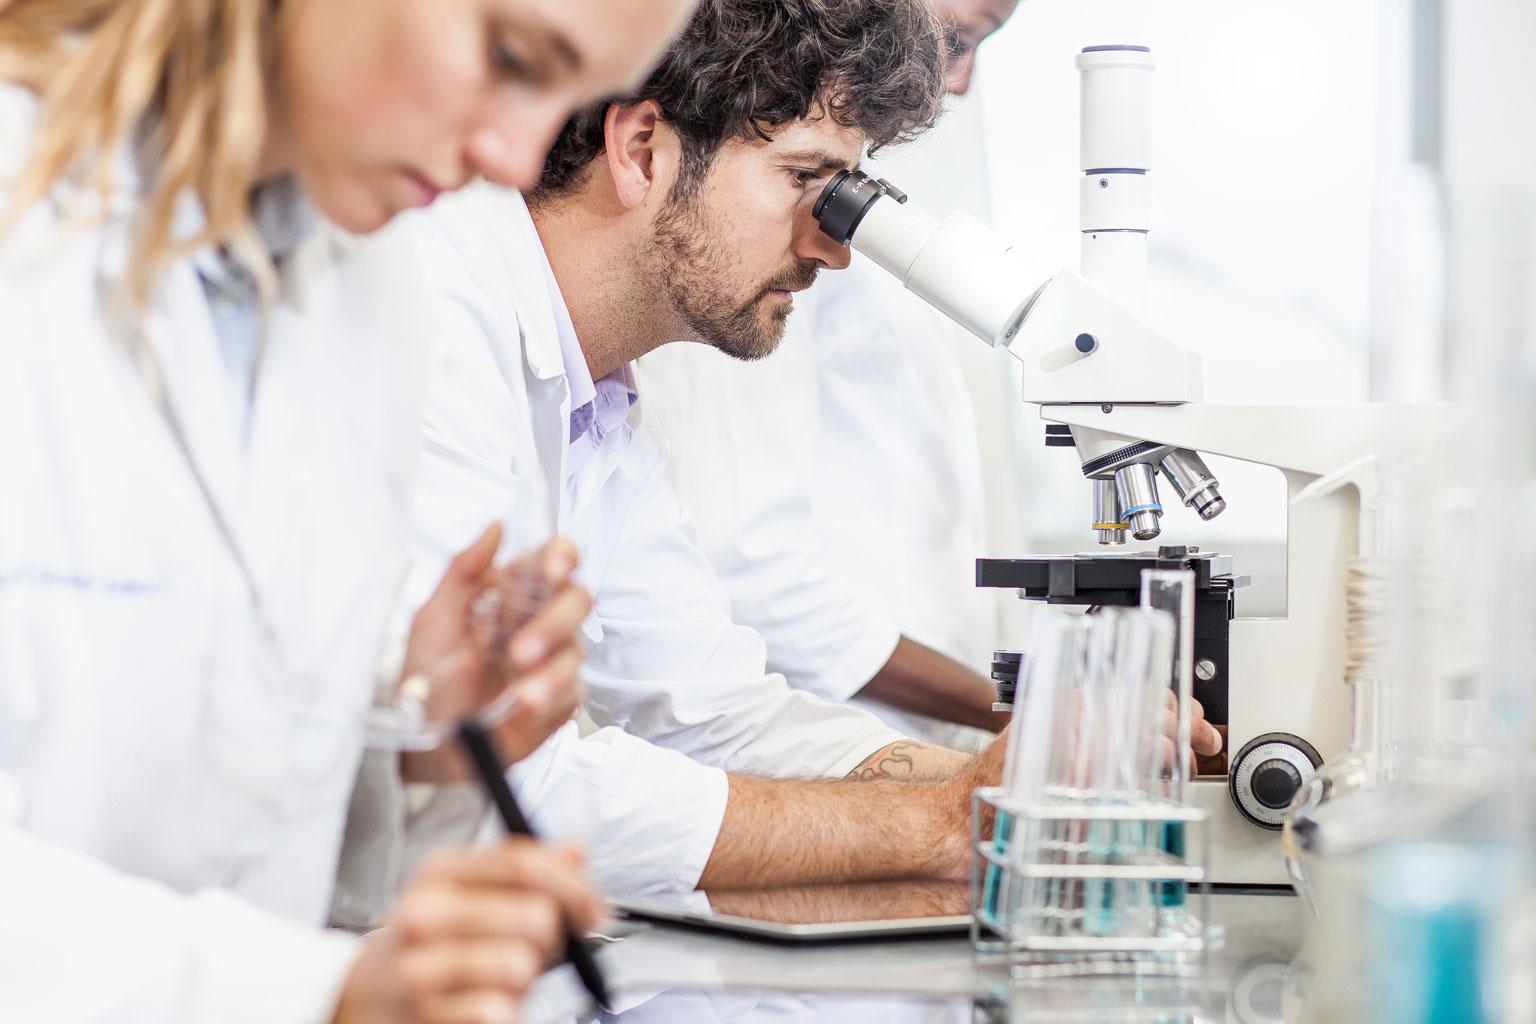 Pracownicy instytutu naukowego pracują w laboratorium